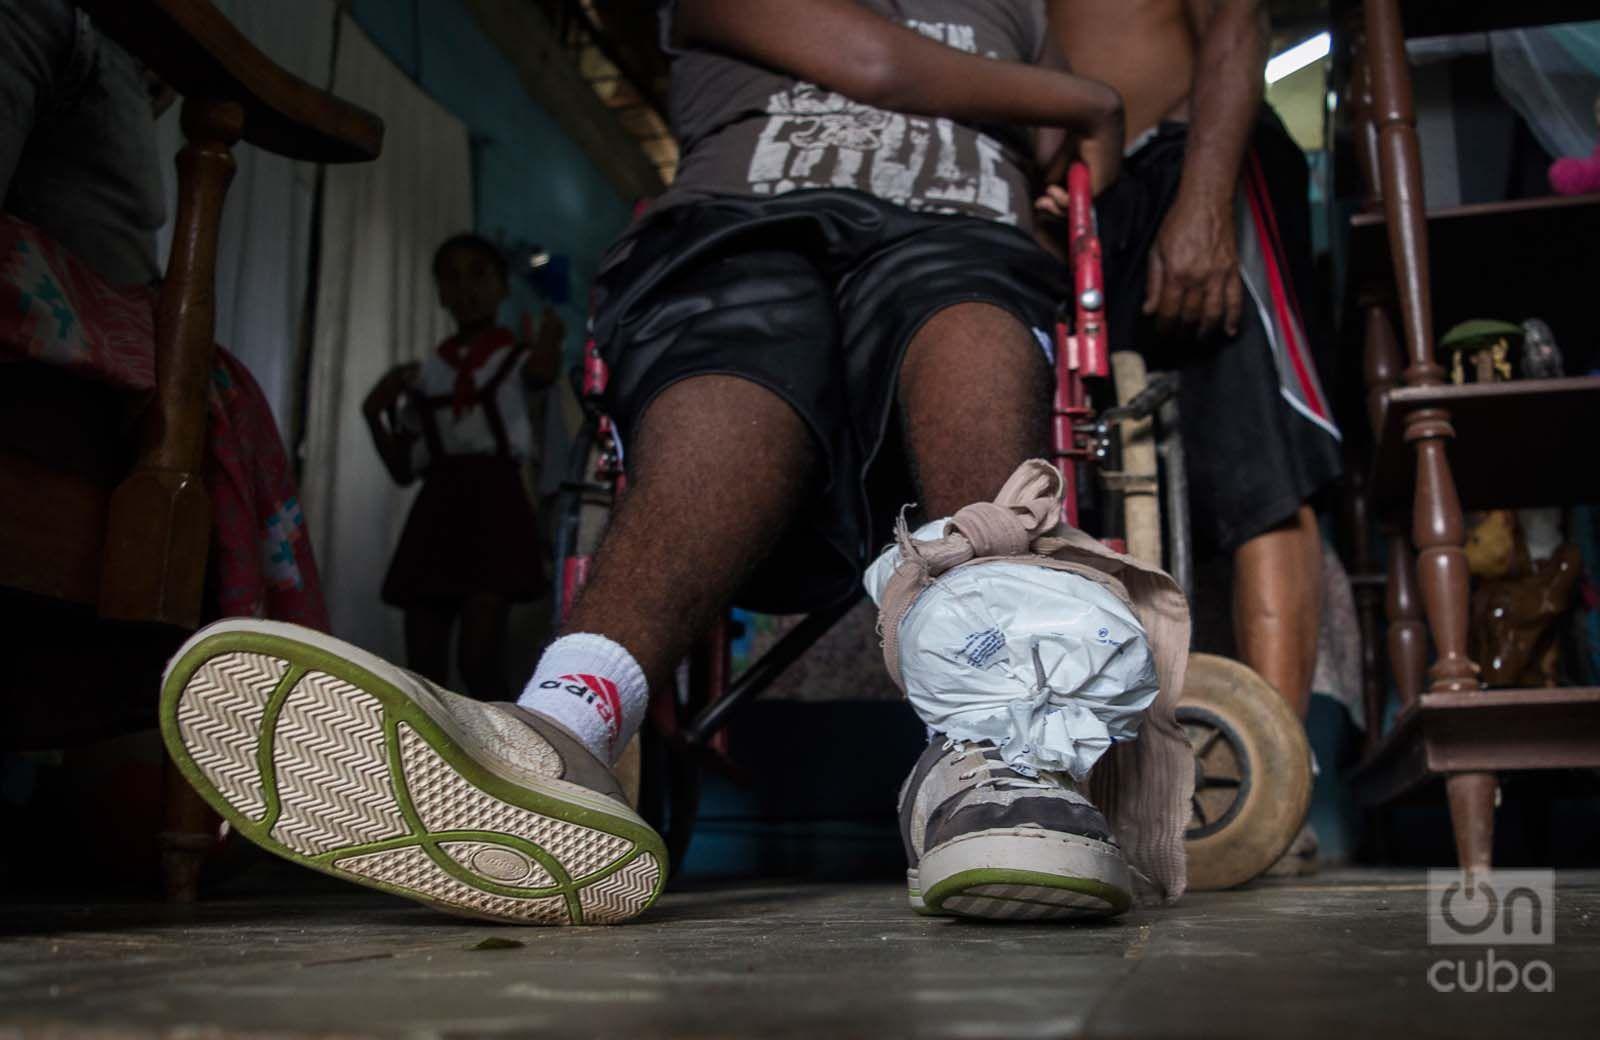 Utiliza una bolsa de plástico, llena de arena, para fortalecer los músculos de las extremidades inferiores. Foto: Otmaro Rodríguez.